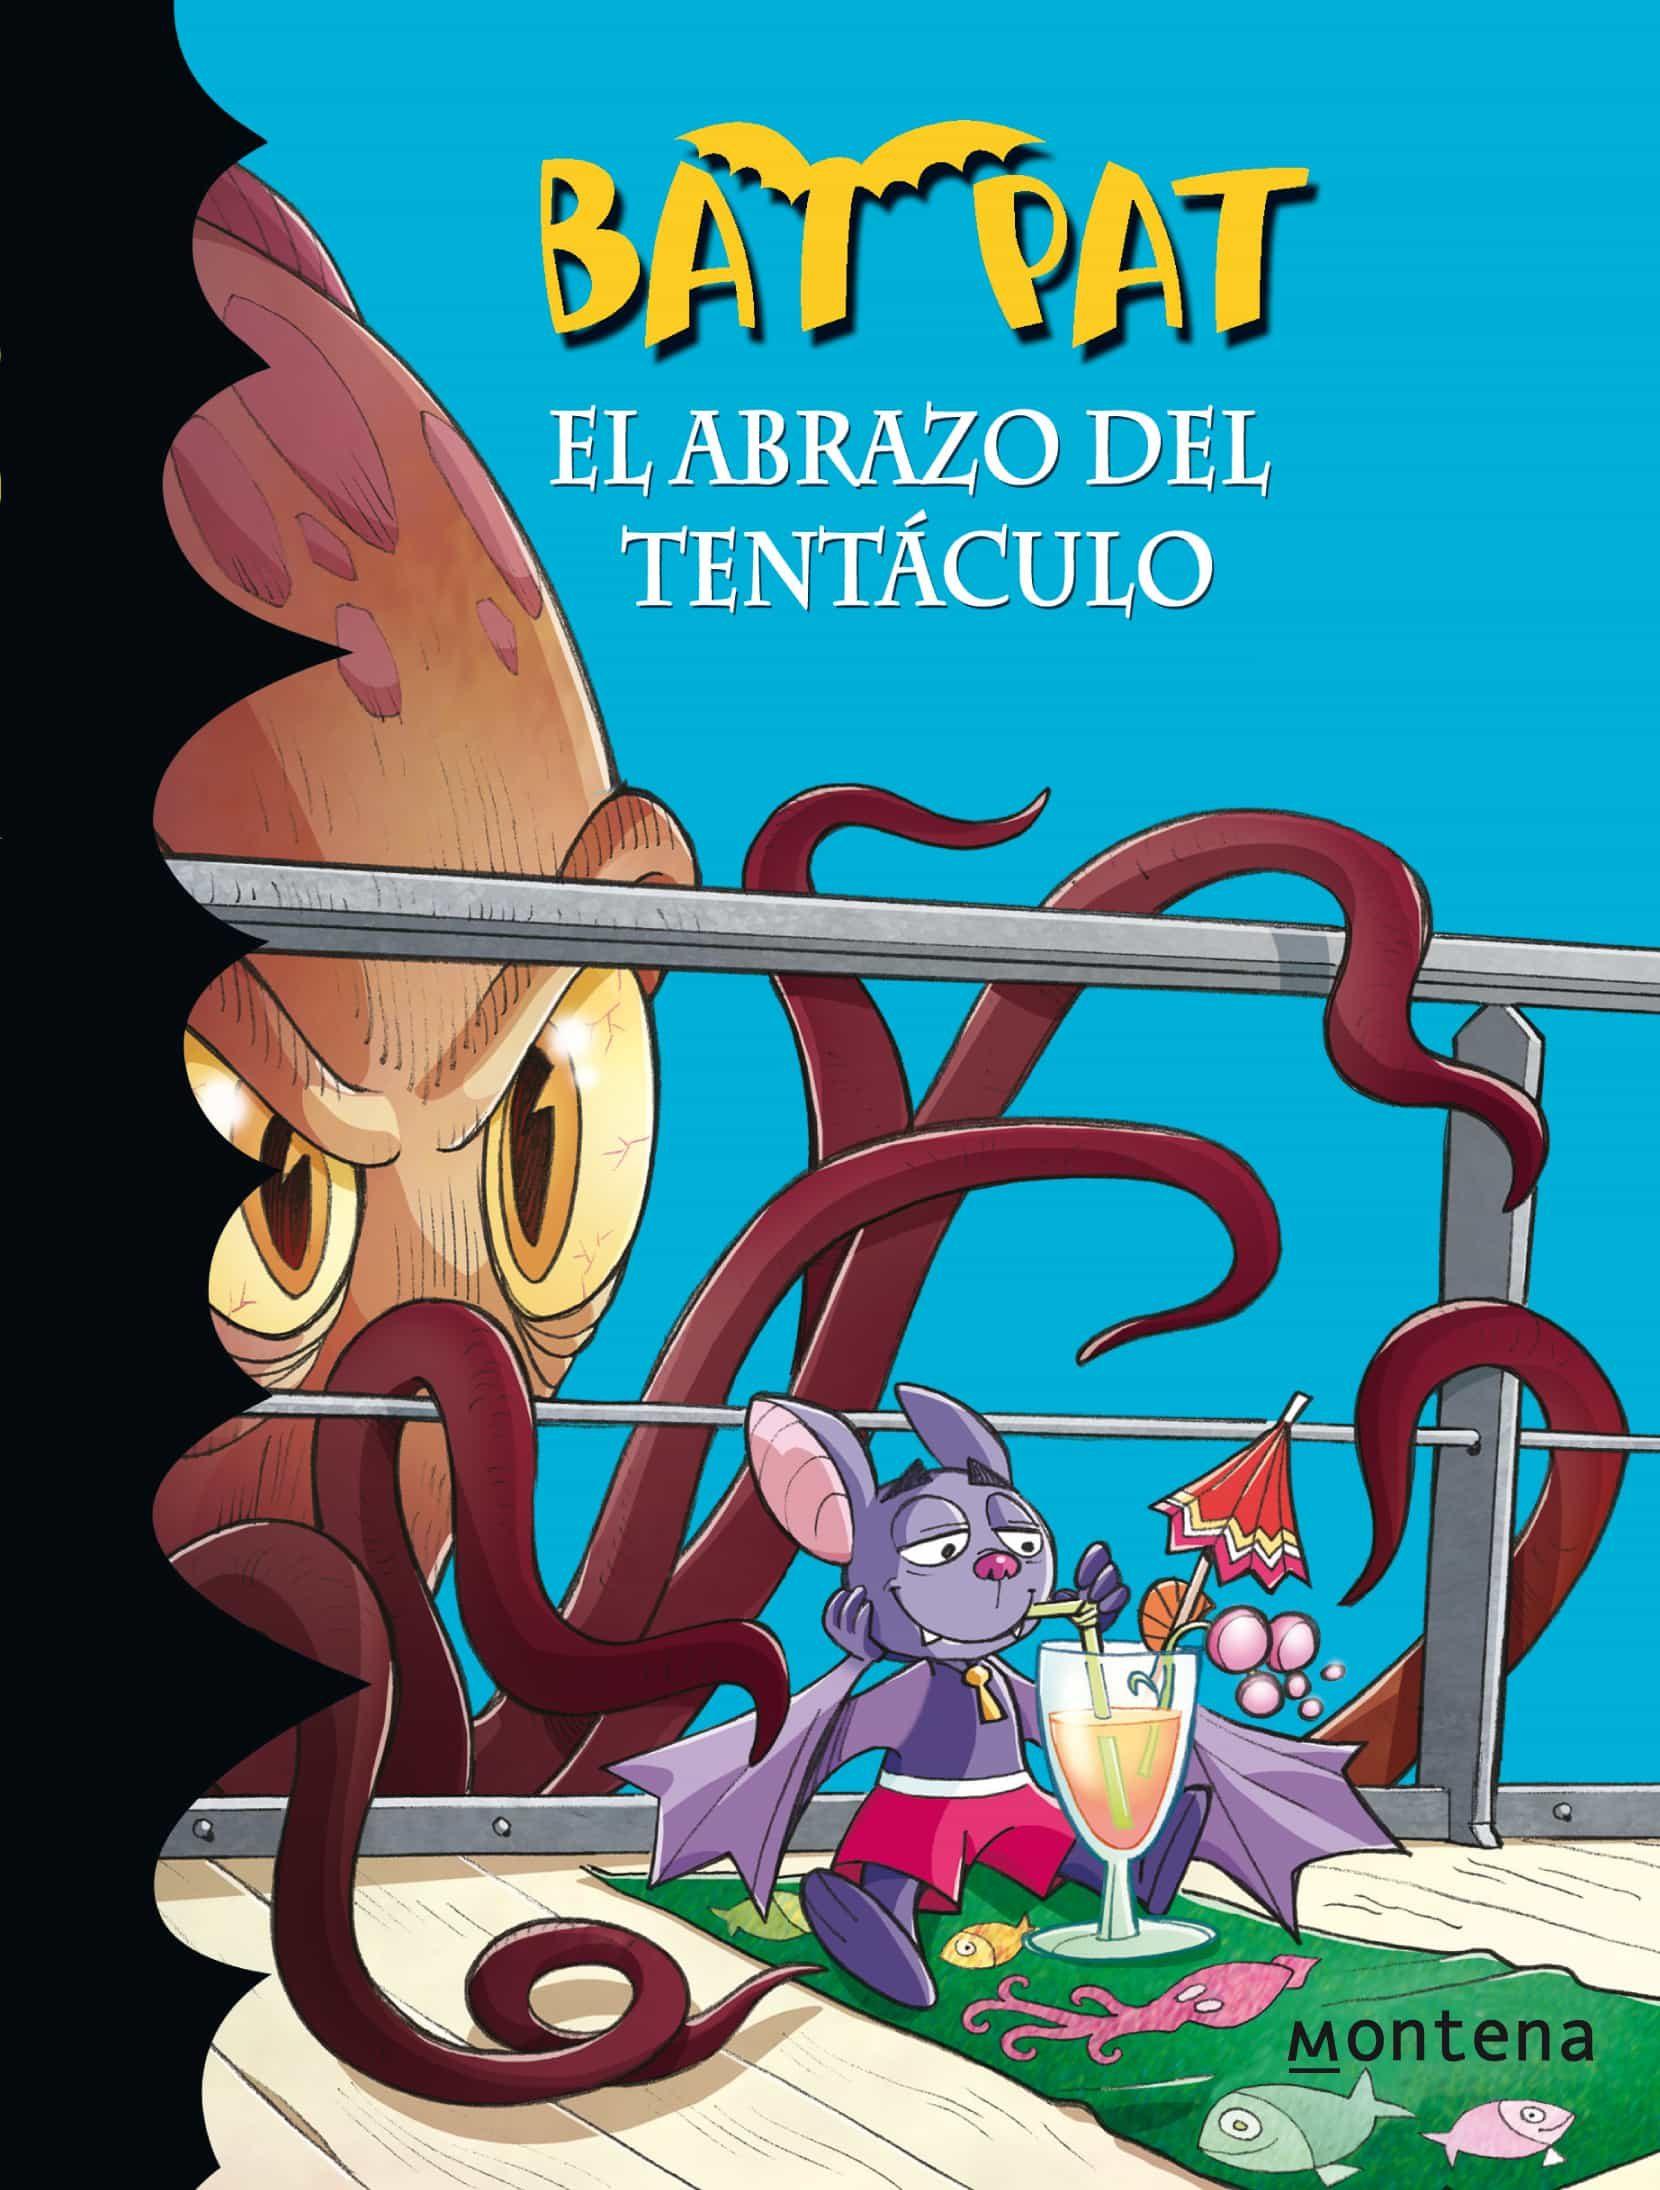 Resultado de imagen de imagenes del libro bat pat el abrazo del tentaculo